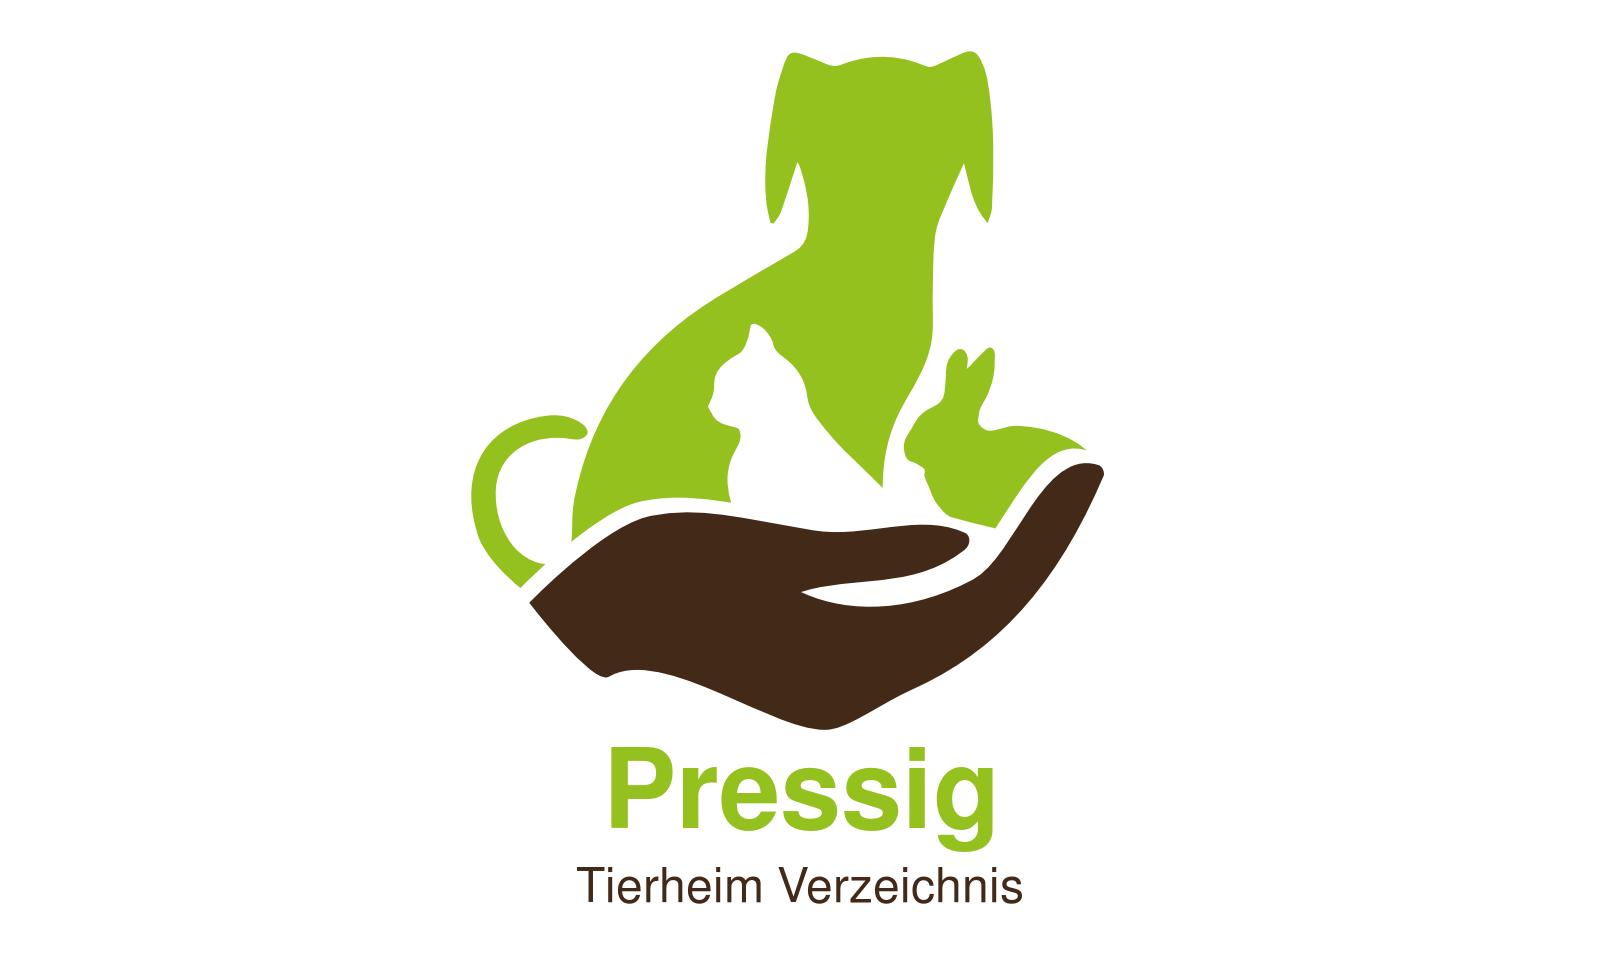 Tierheim Pressig